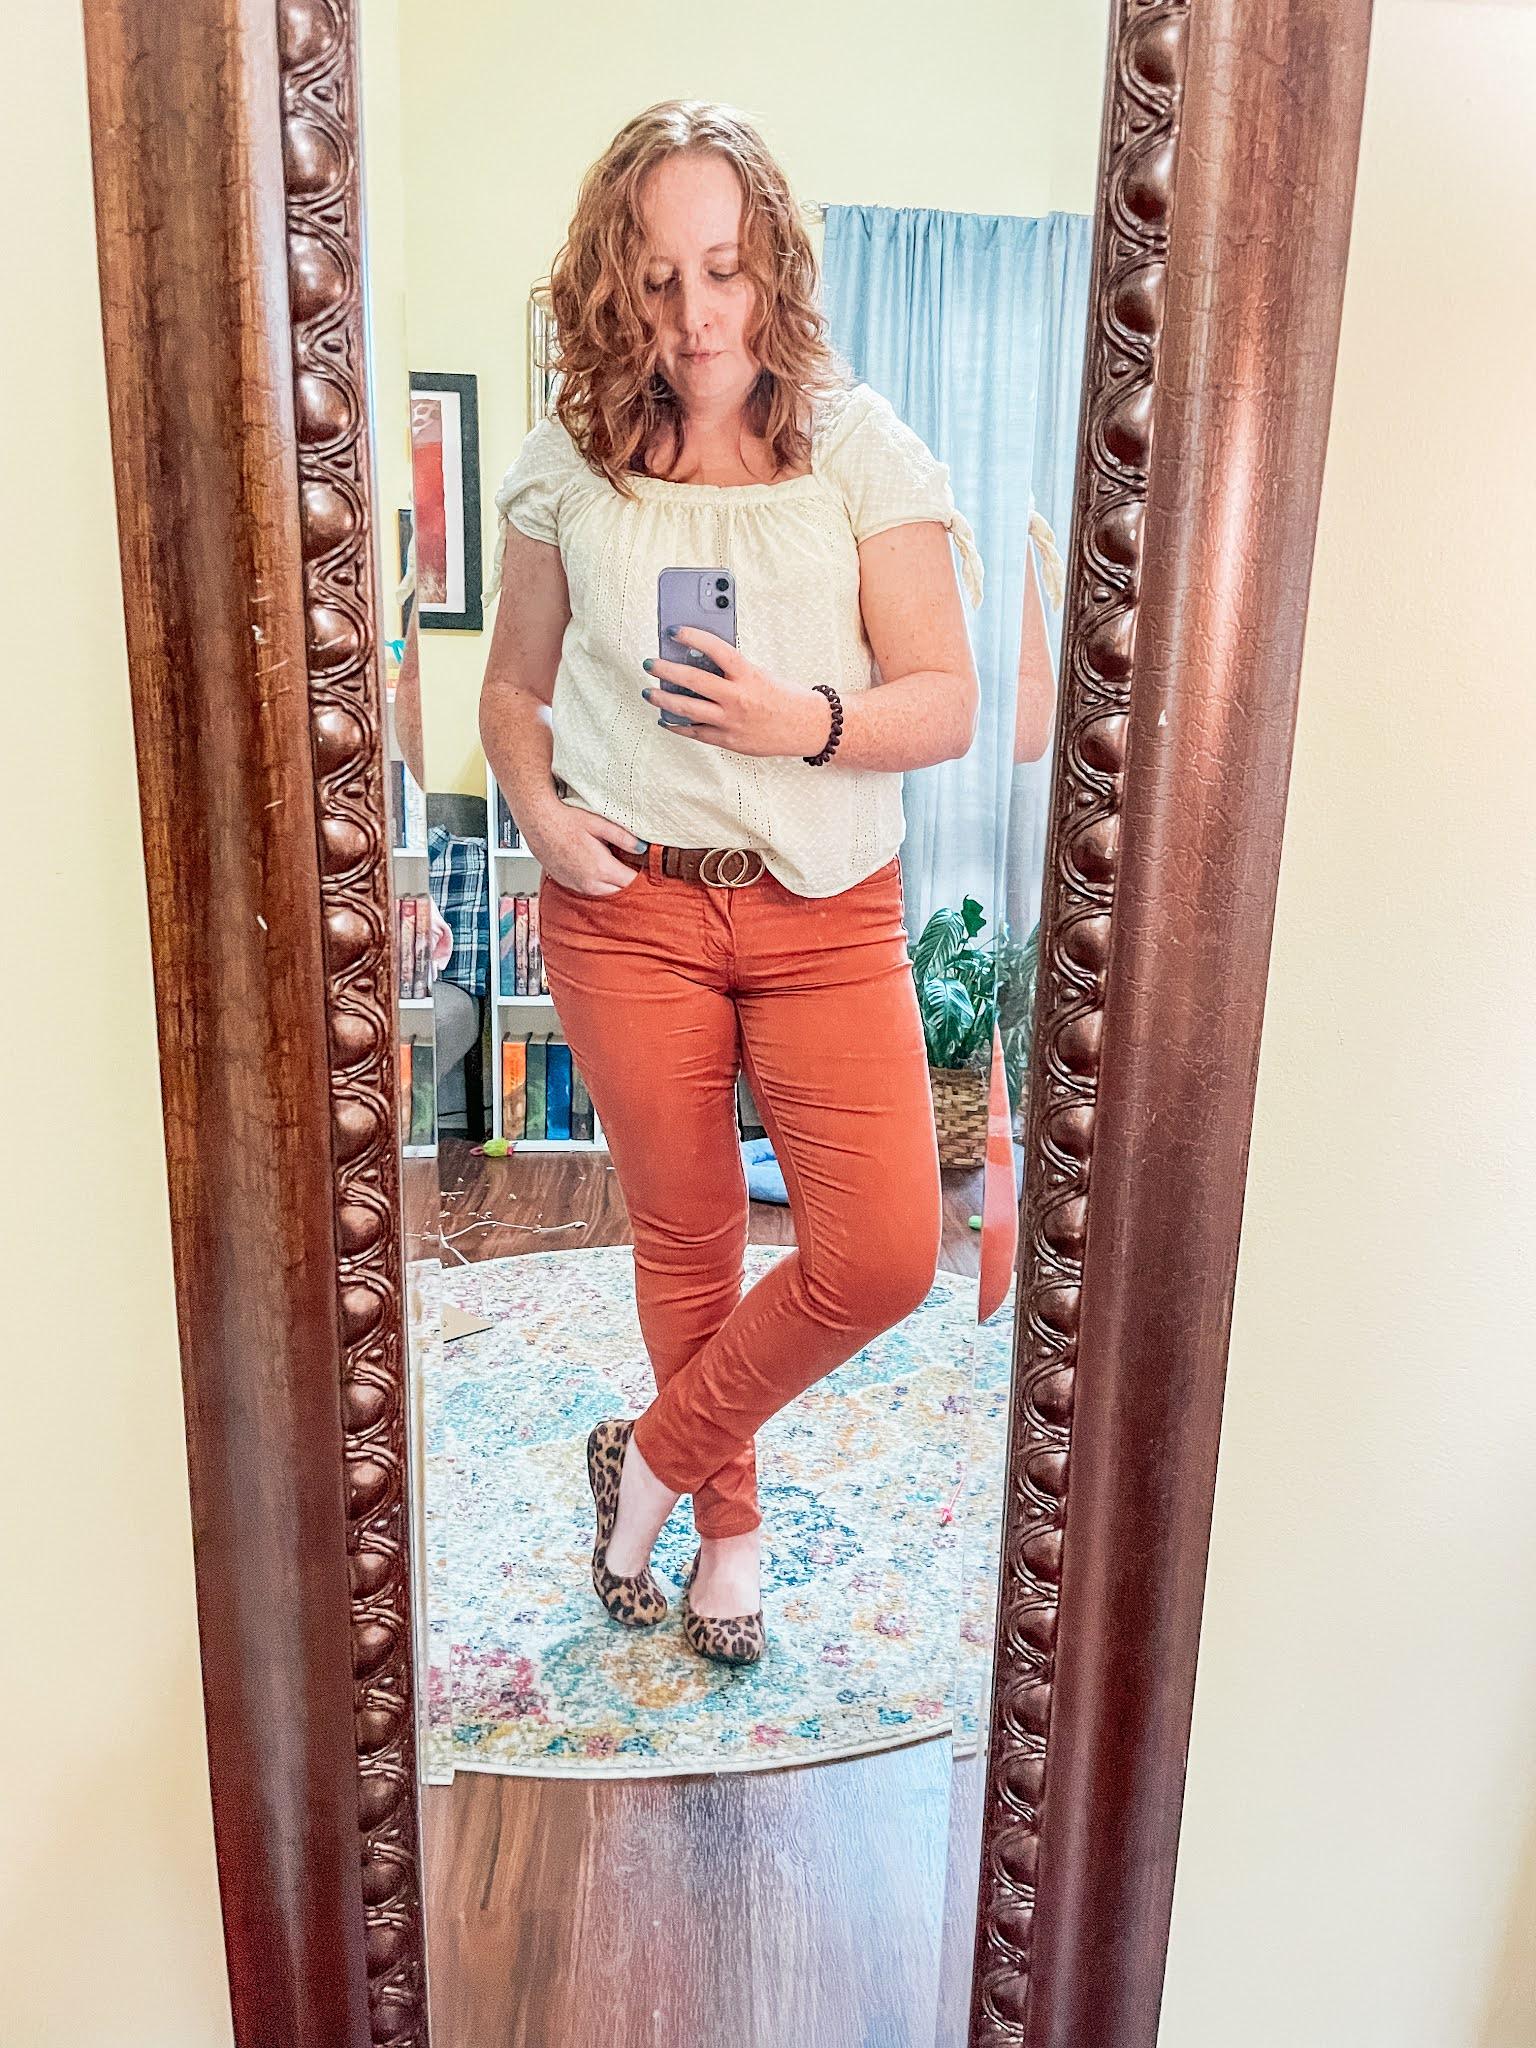 lace-blouse-orange-pants-leopard-flats